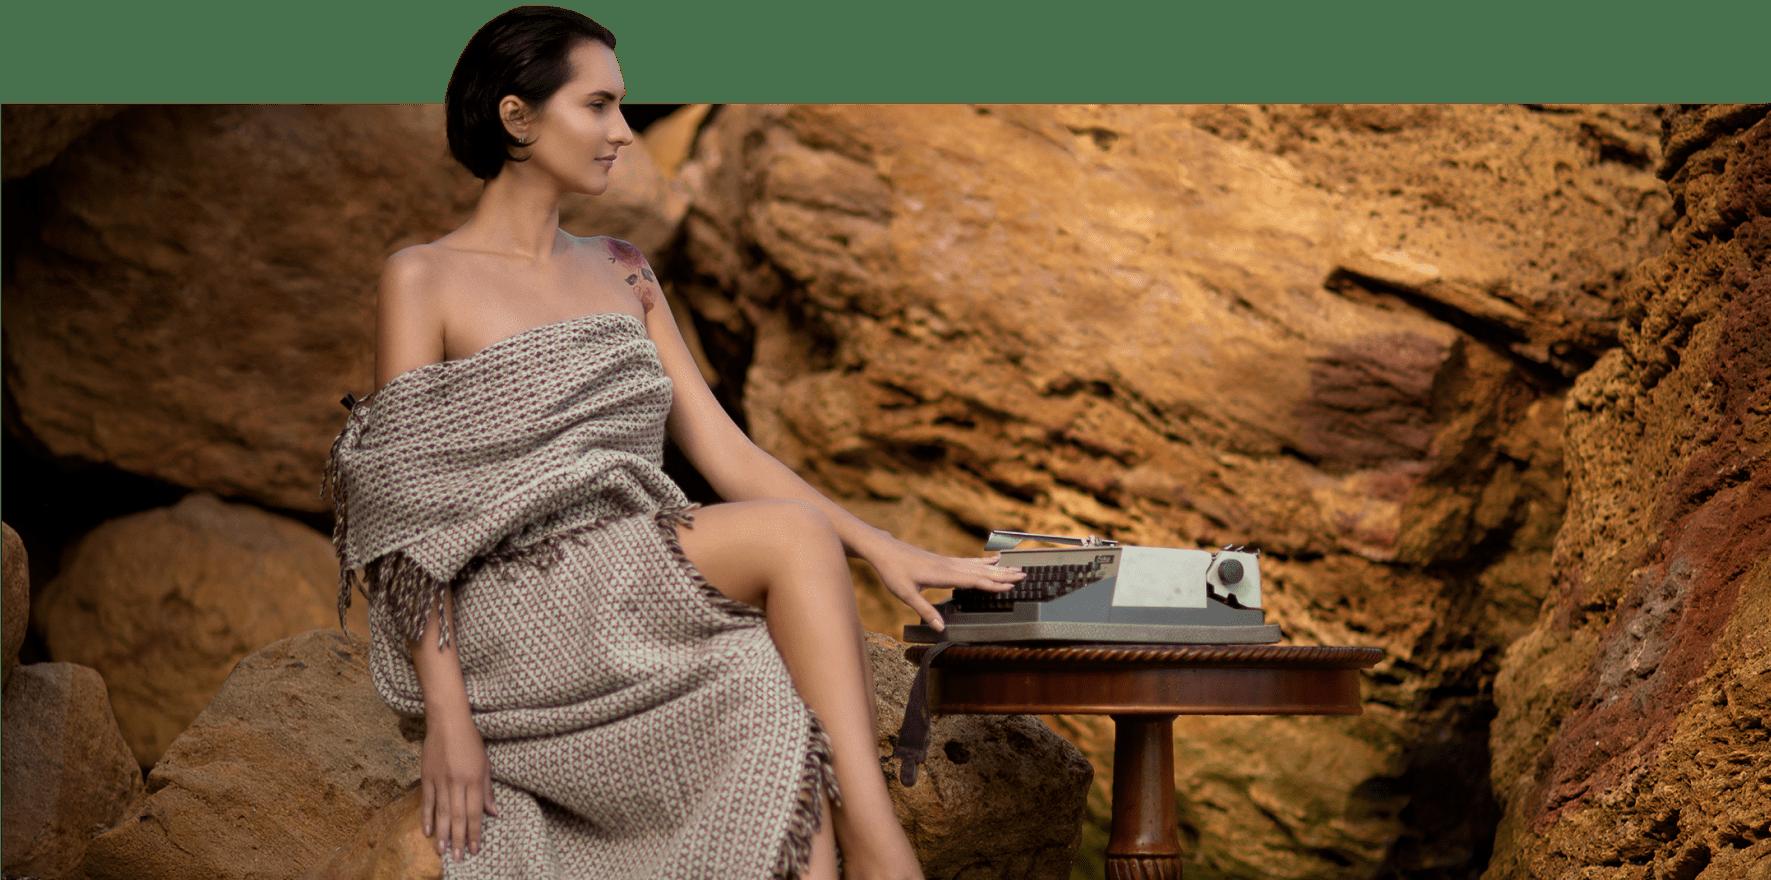 автор журнала Folga посетила нудистский пляж